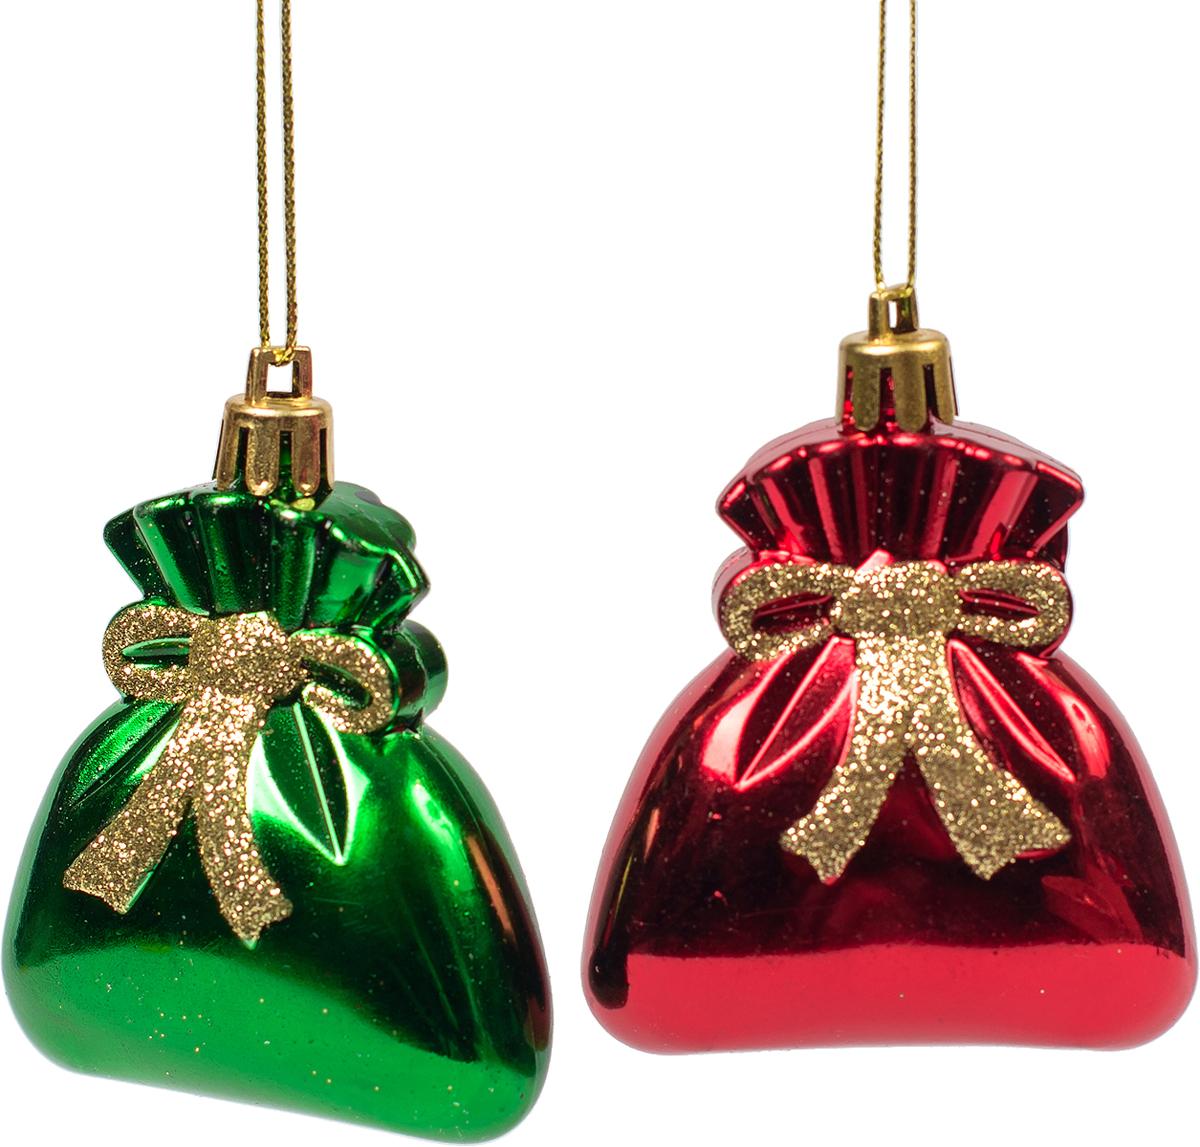 Украшение новогоднее подвесное Magic Time, 2 шт. 75449 новогоднее подвесное украшение 25062